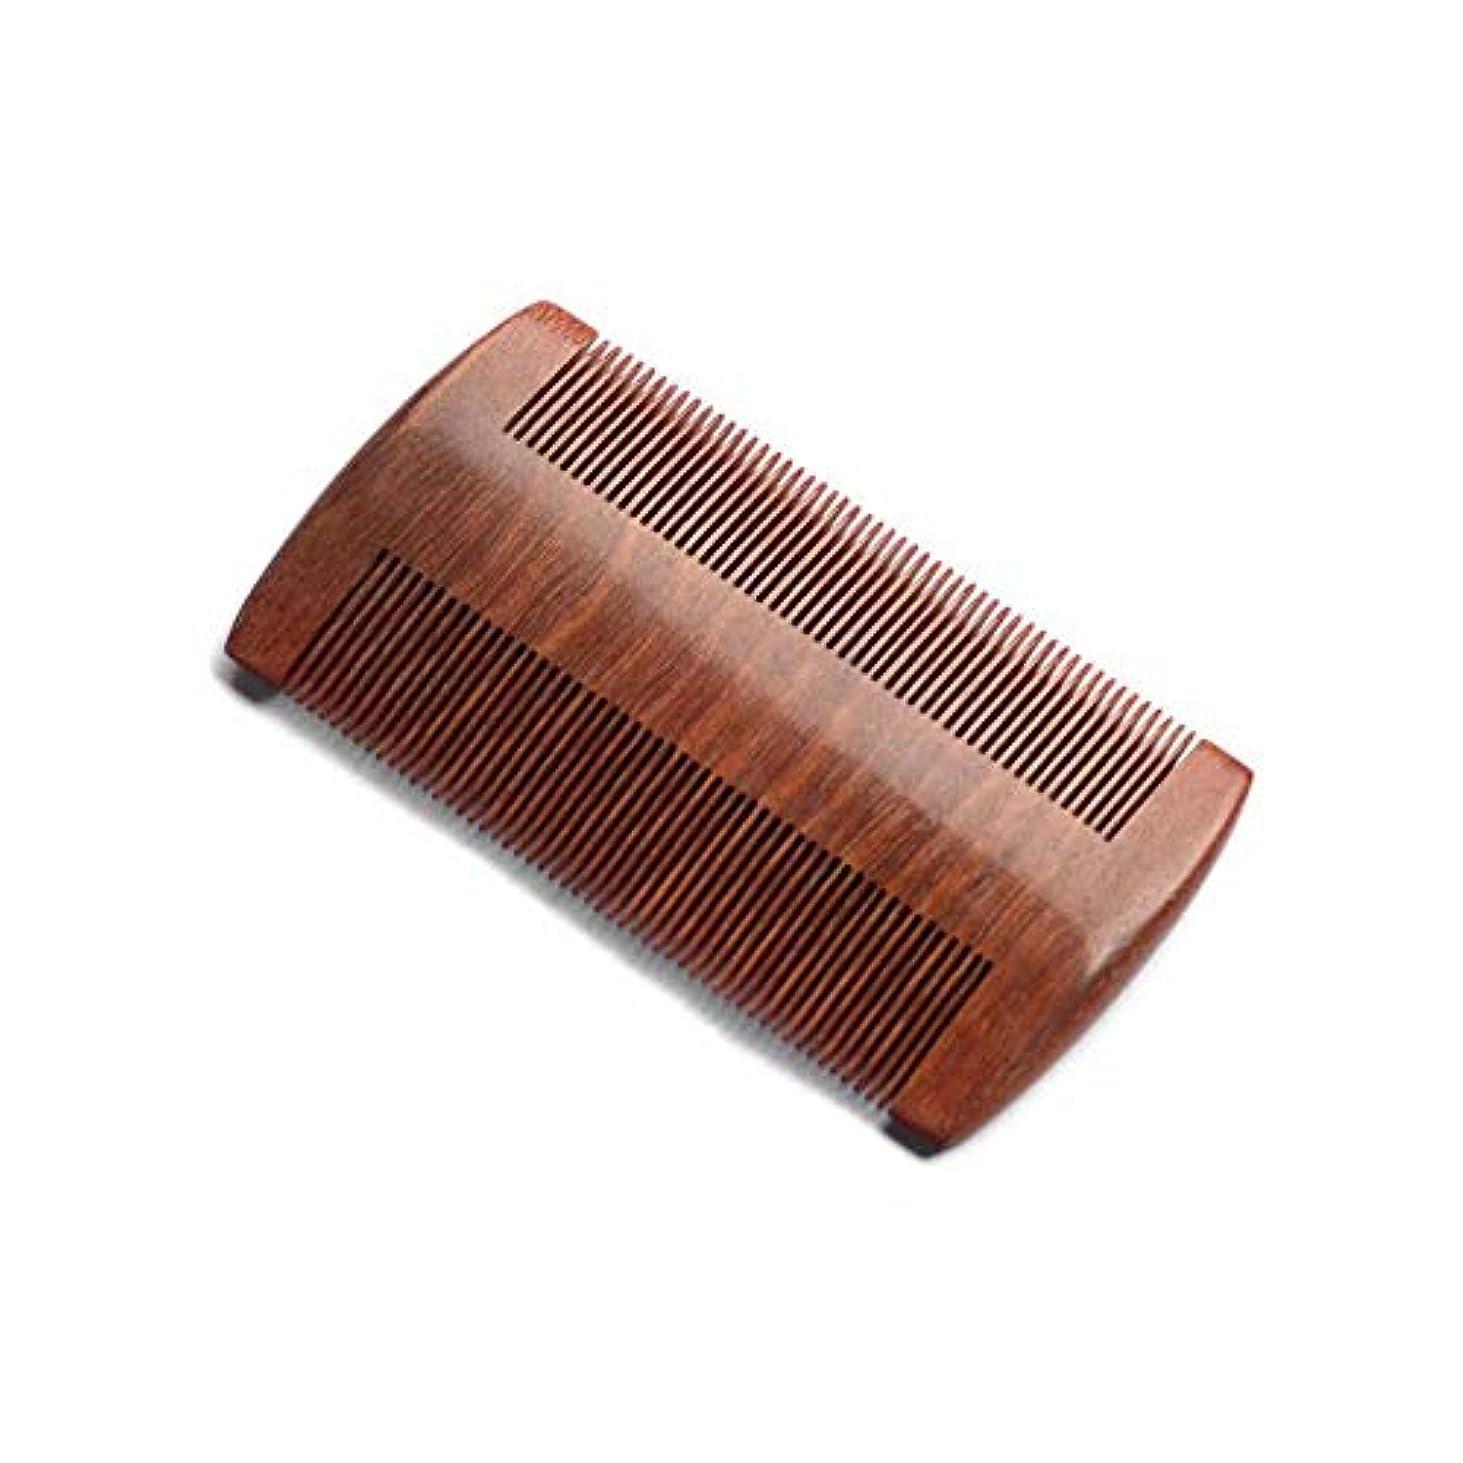 キリスト教疫病俳優ZYDP 細かいコンパクトな歯赤白檀の髪の櫛手作りの櫛帯電防止髪の櫛